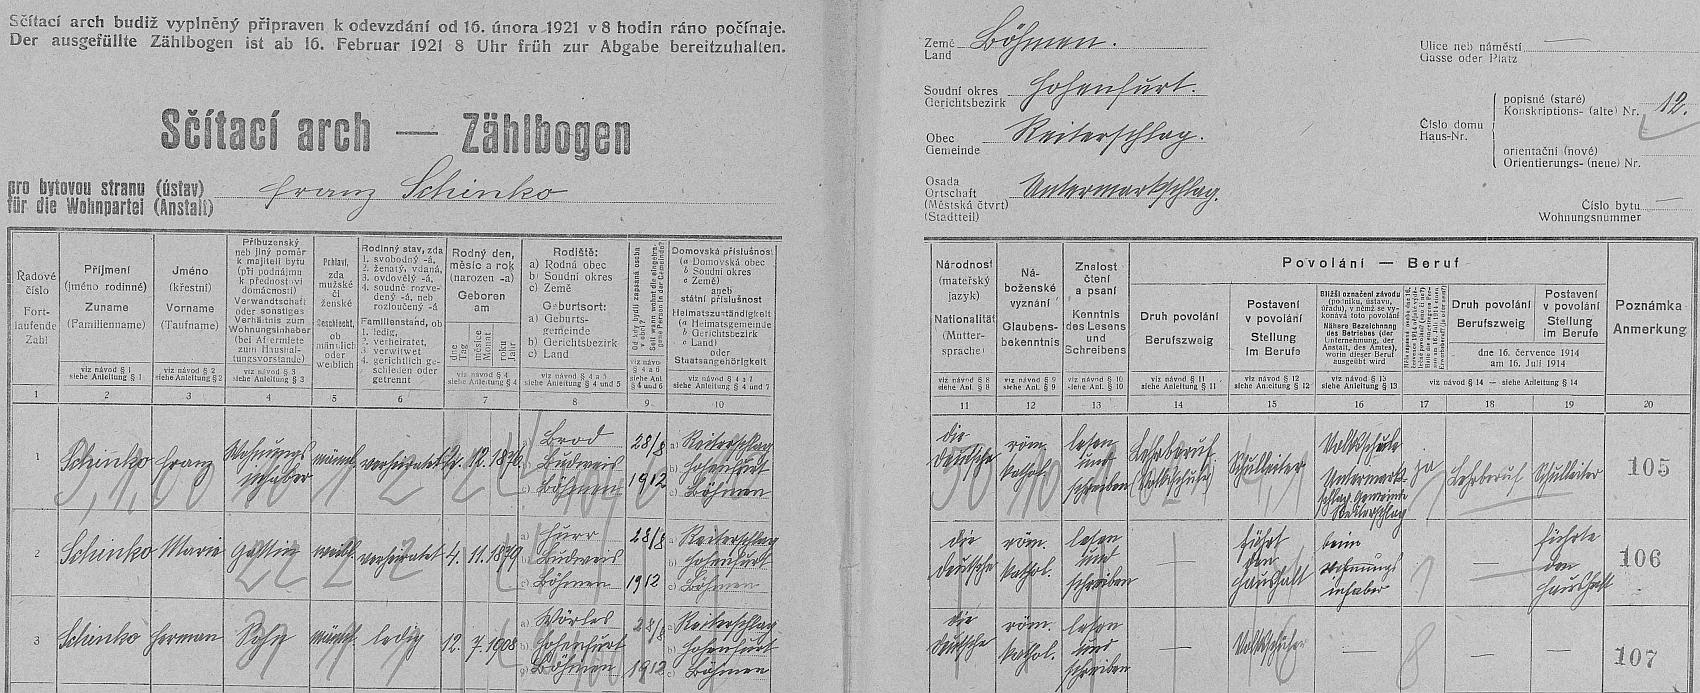 Arch sčítání lidu z roku 1921 pro školní budovu v Dolním Markschlagu čp. 12, kde pan řídící bydlel se svou ženou Marií (*4.listopadu 1879 v Hůrách /Hurr/) a synem Hermannem (*12. července 1908 v Ostrově /Wörles/), pokud lze věřit údajům ohledně dat a míst narození těch dvou mu nejbližších